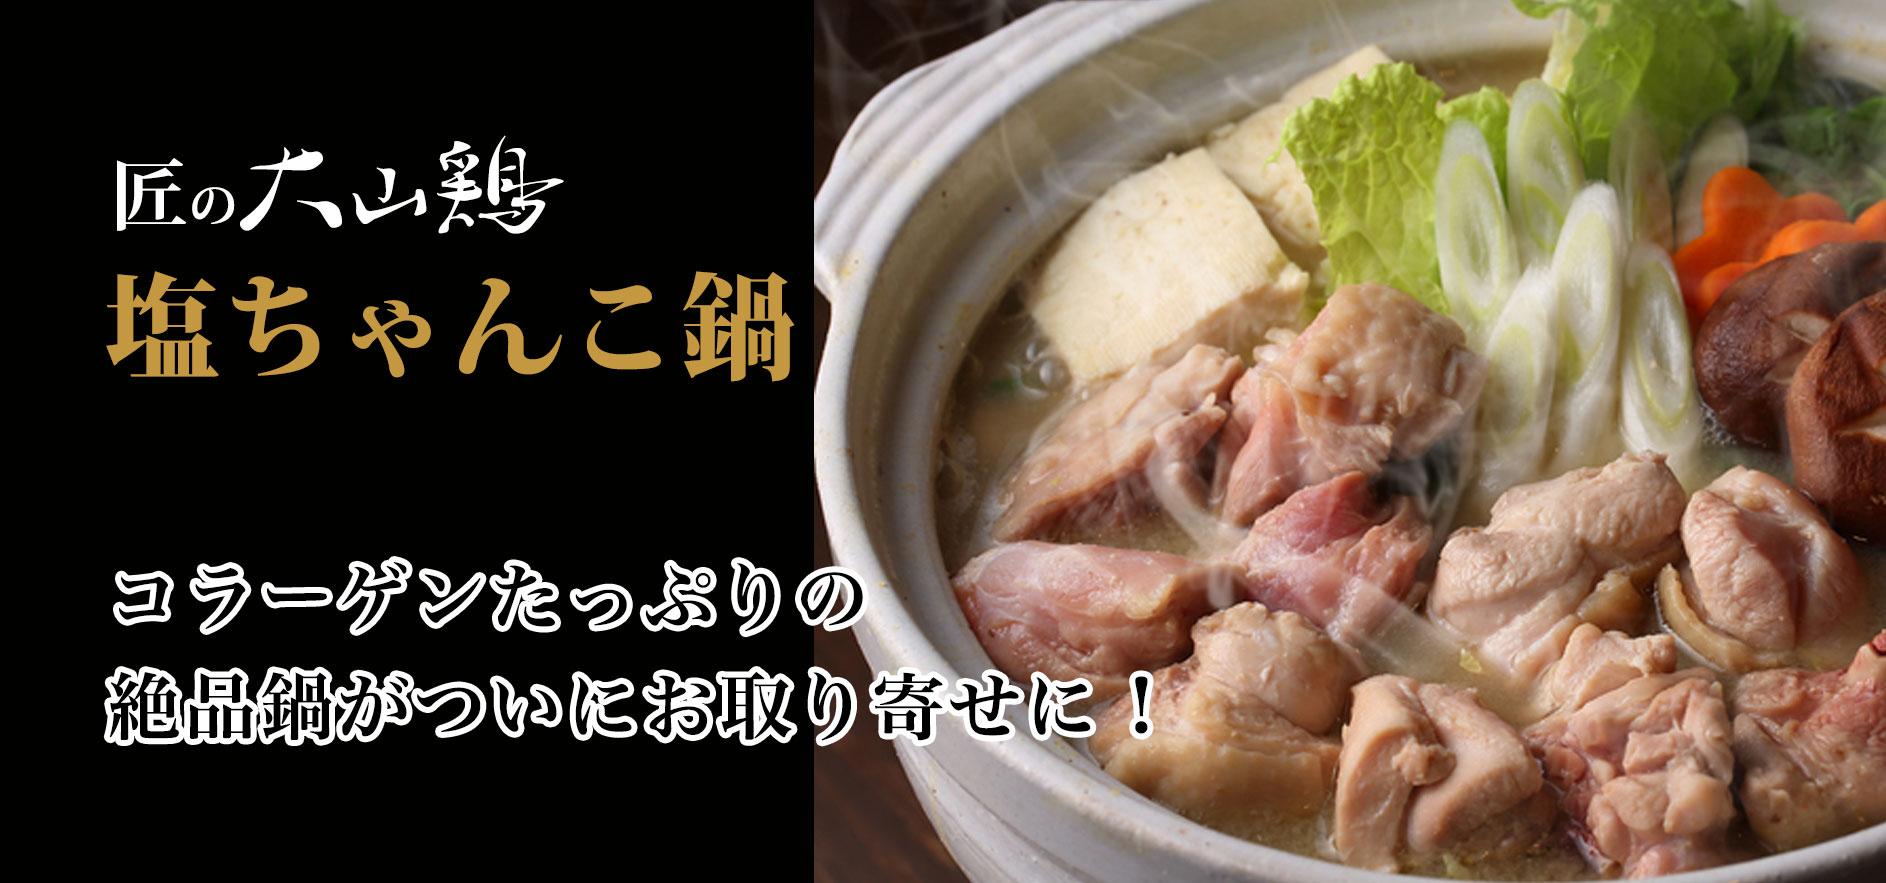 匠の大山鶏 塩ちゃんこ鍋 コラーゲンたっぷりの絶品鍋がついにお取り寄せに !